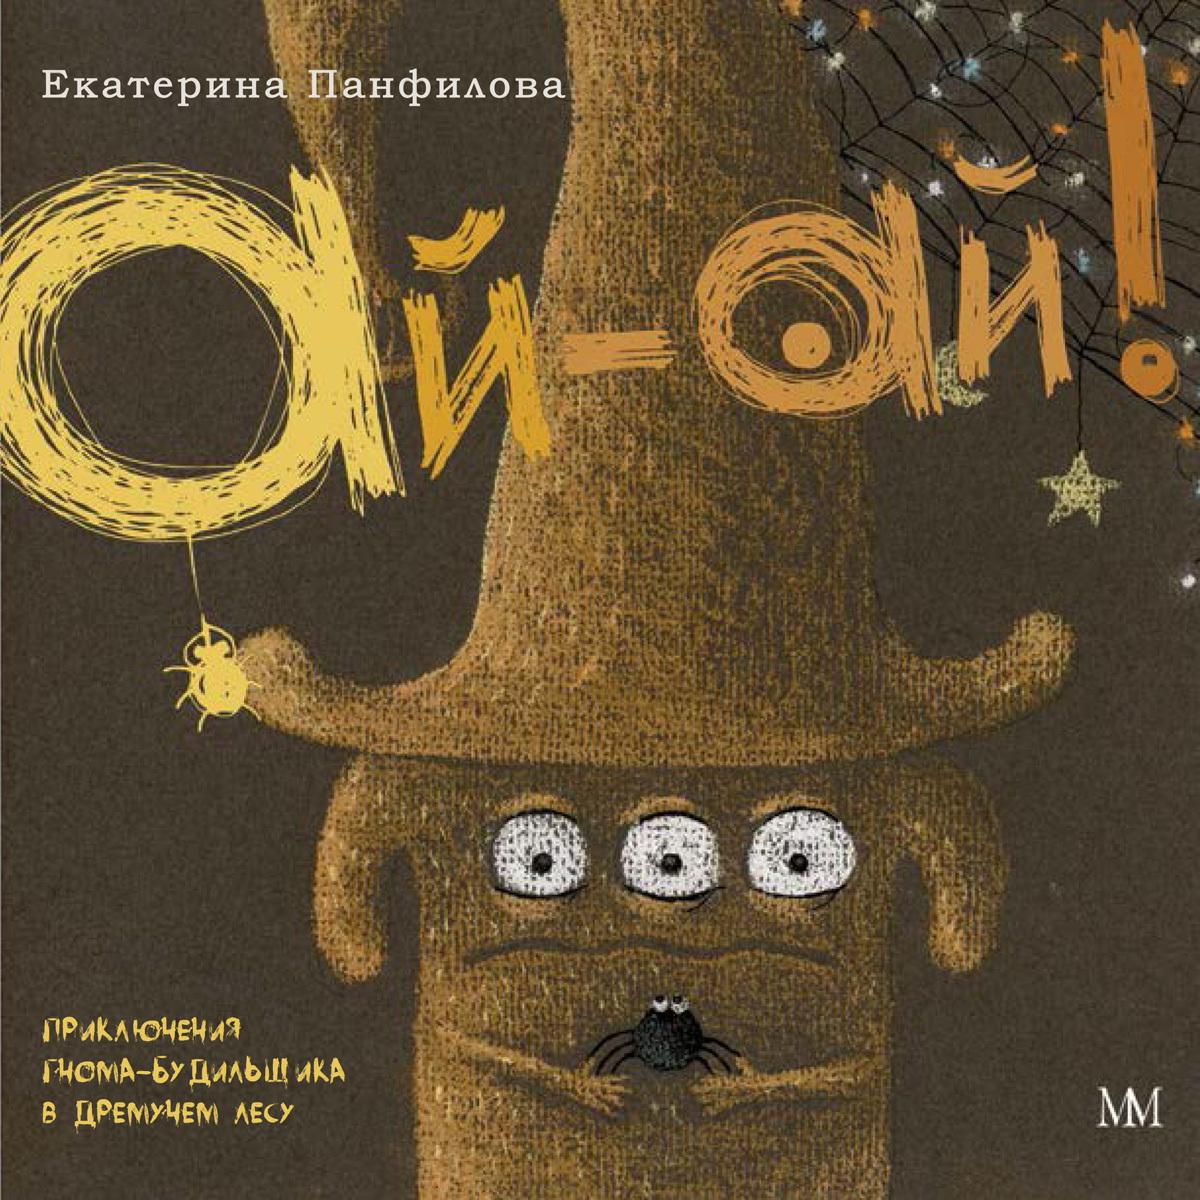 Ай-Ай! Приключения гнома-будильшика в дремучем лесу | Панфилова Екатерина Владимировна